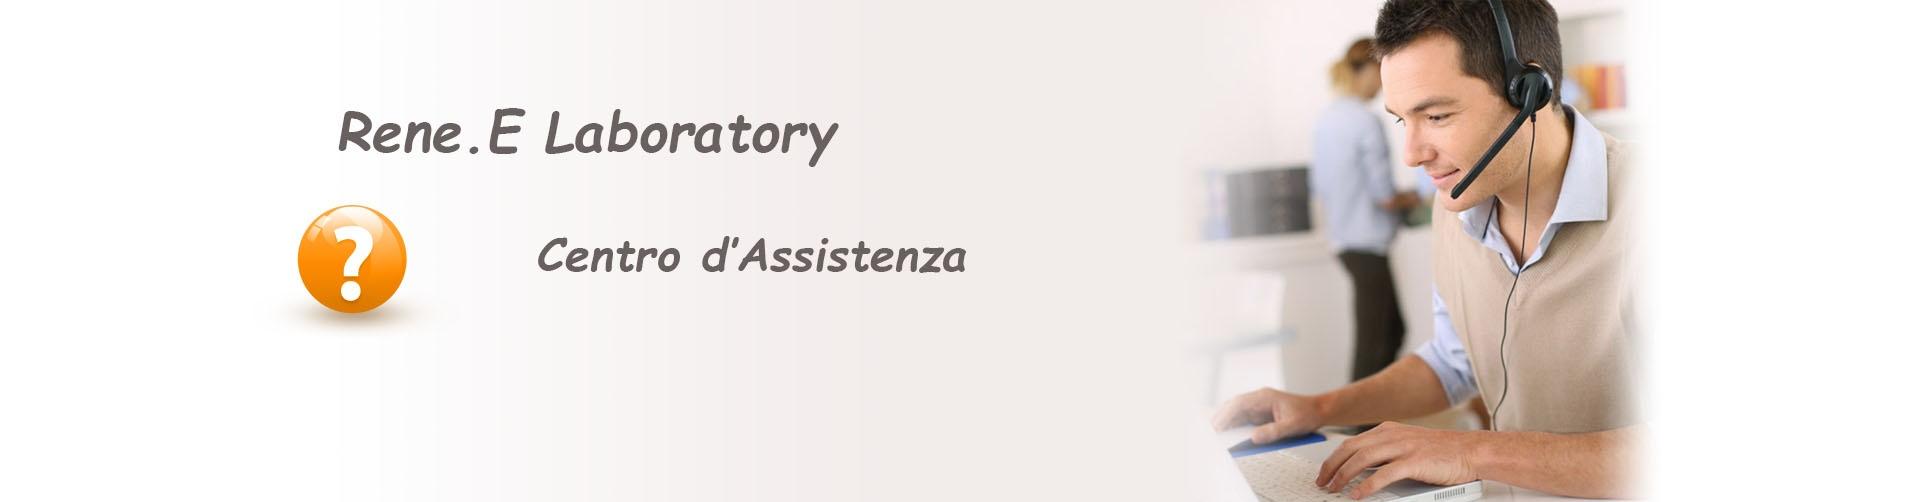 centro d'assistenza-1